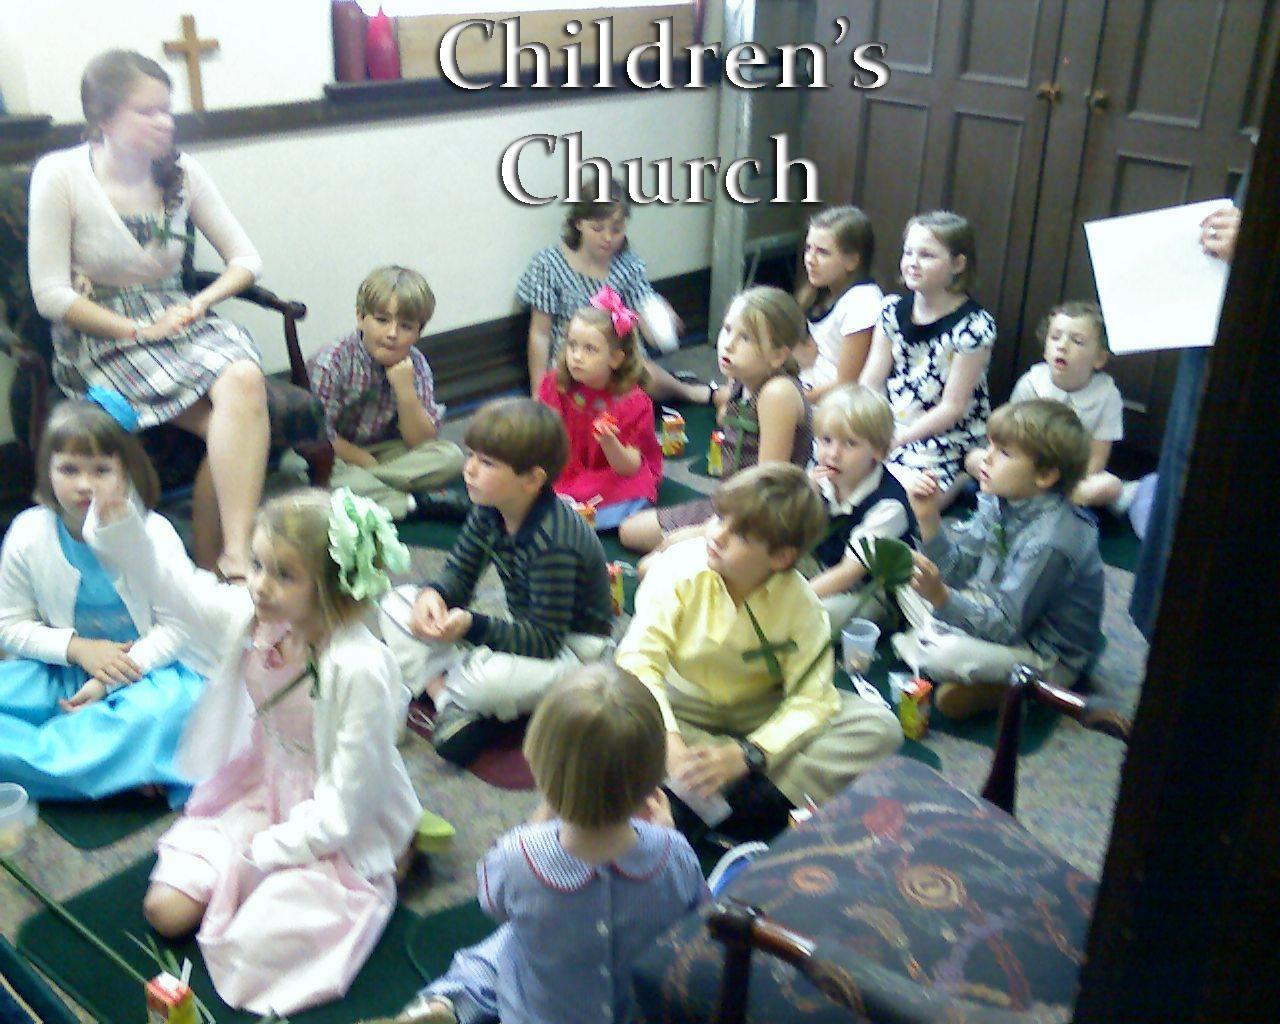 children u0026 39 s church